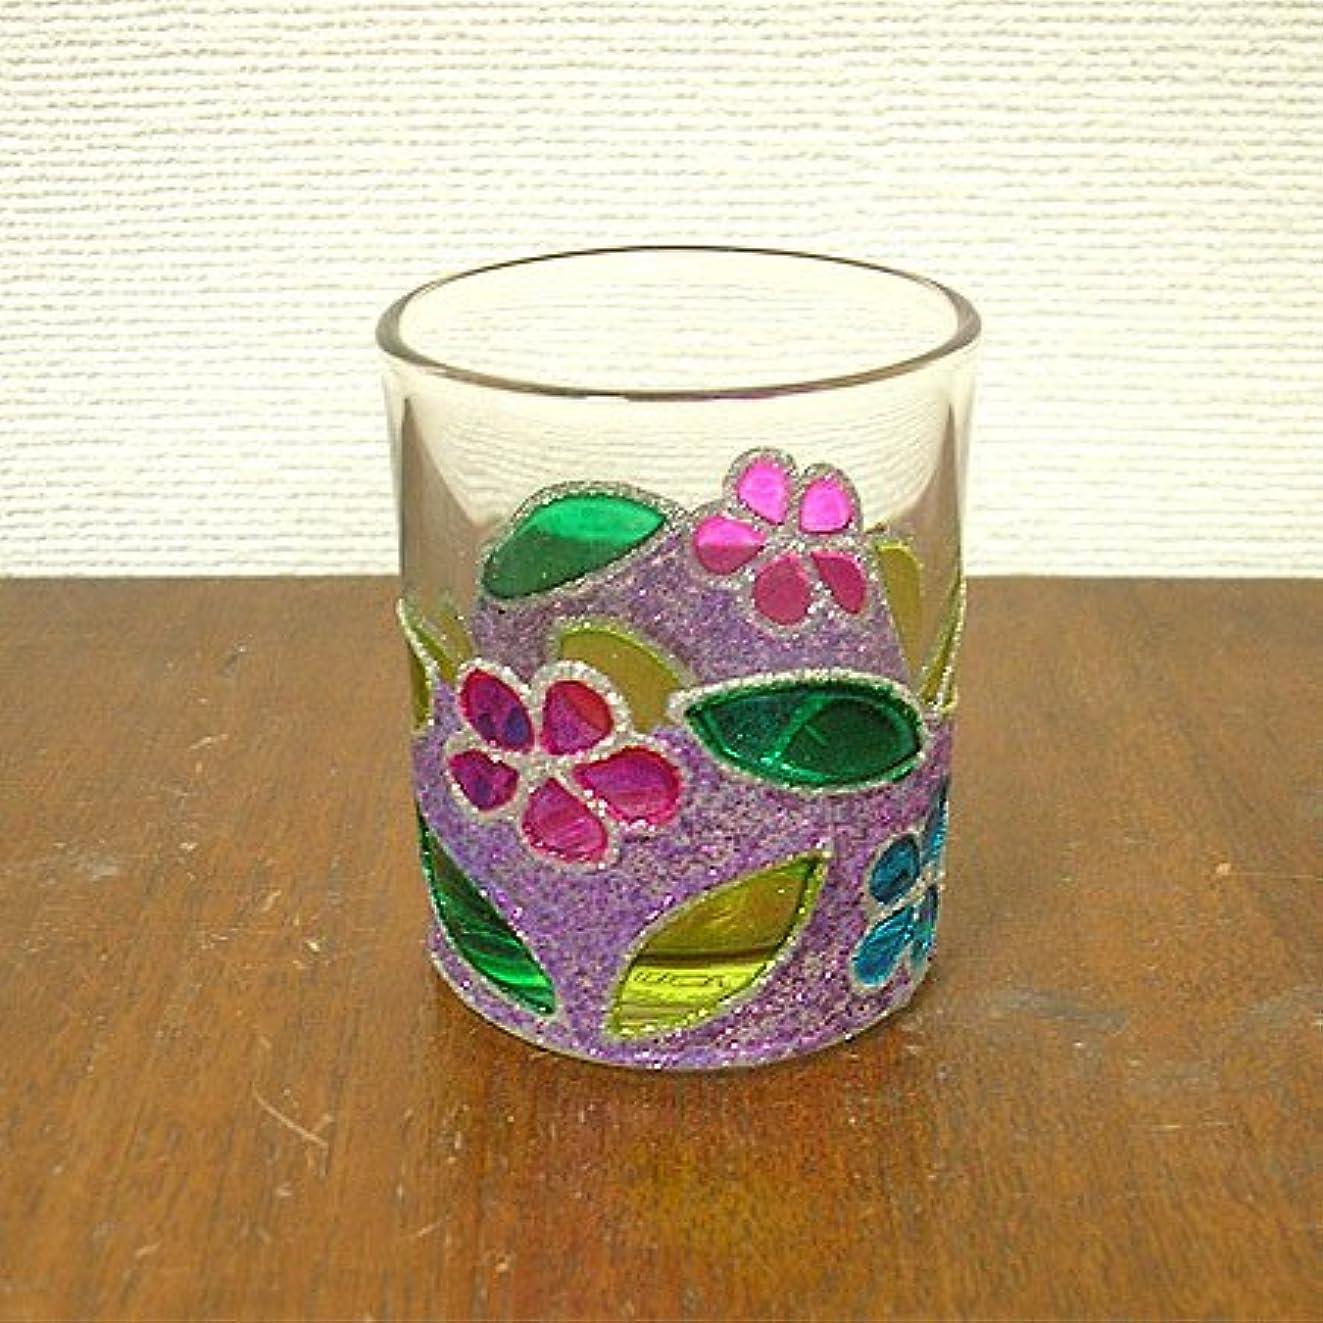 基礎恋人奨励アジアン キャンドルホルダー カップ グラス 花柄 パープル アジアン雑貨